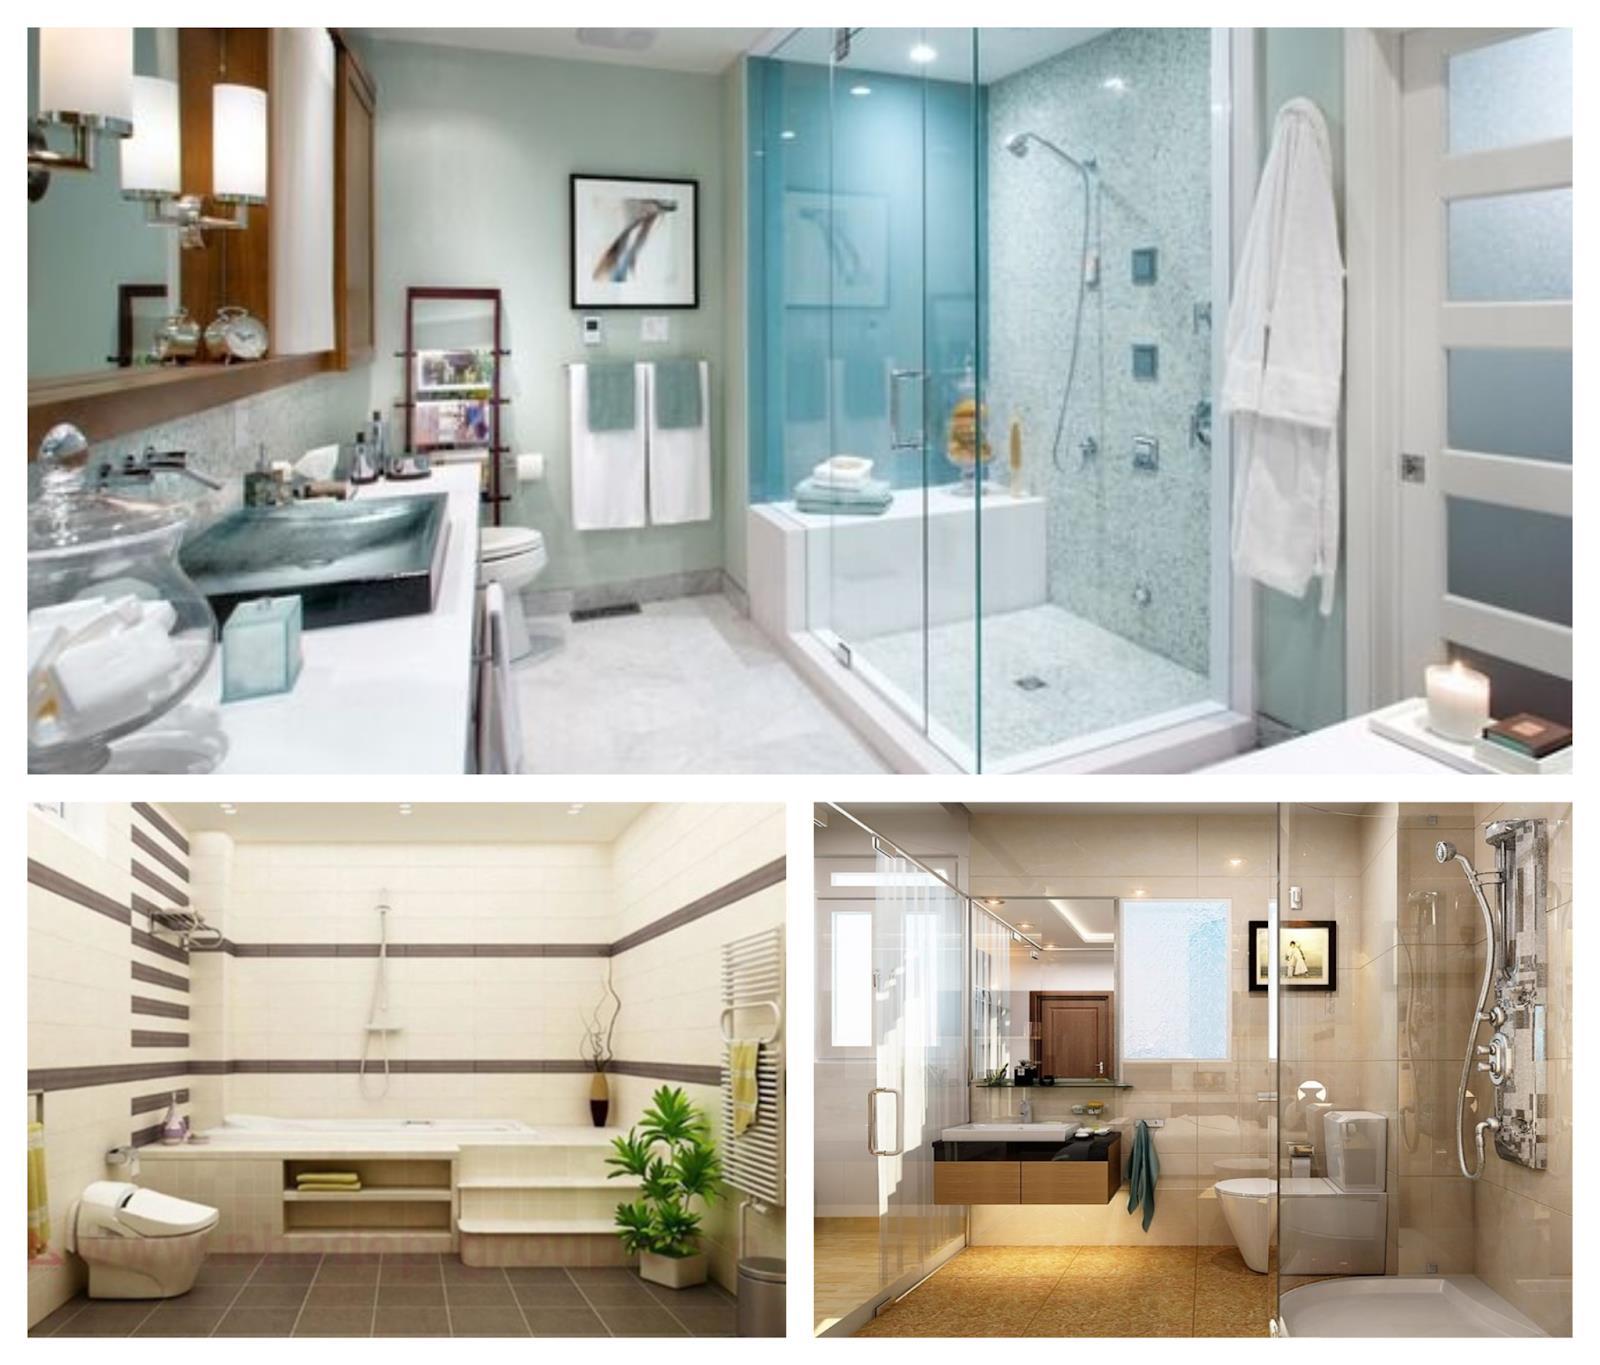 Thiết kế màu sắc phòng tắm, nhà vệ sinh phù hợp